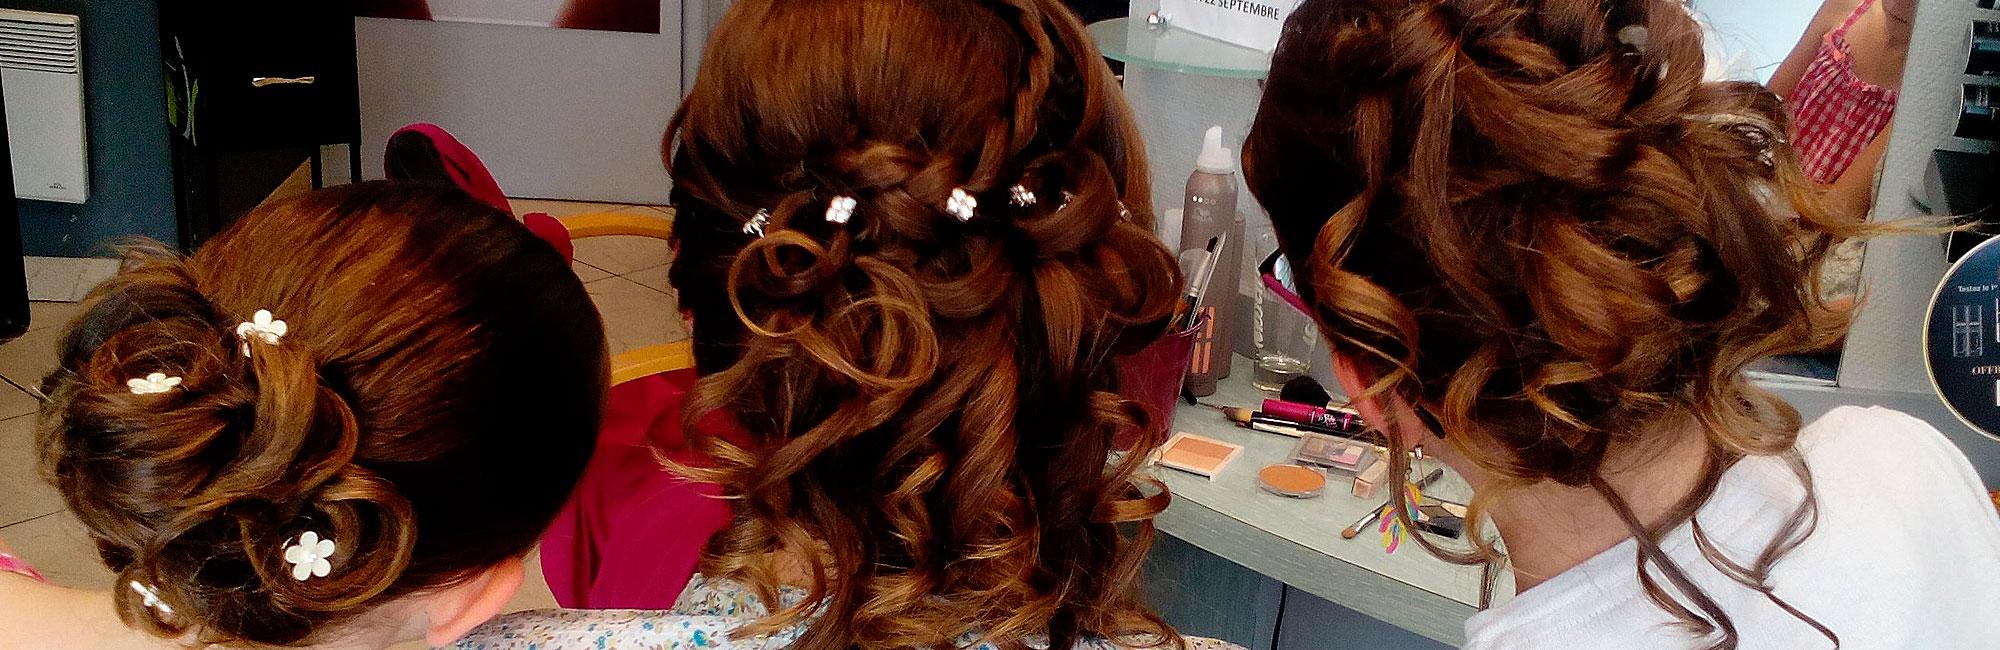 Salon de coiffure pour femme voilee 93